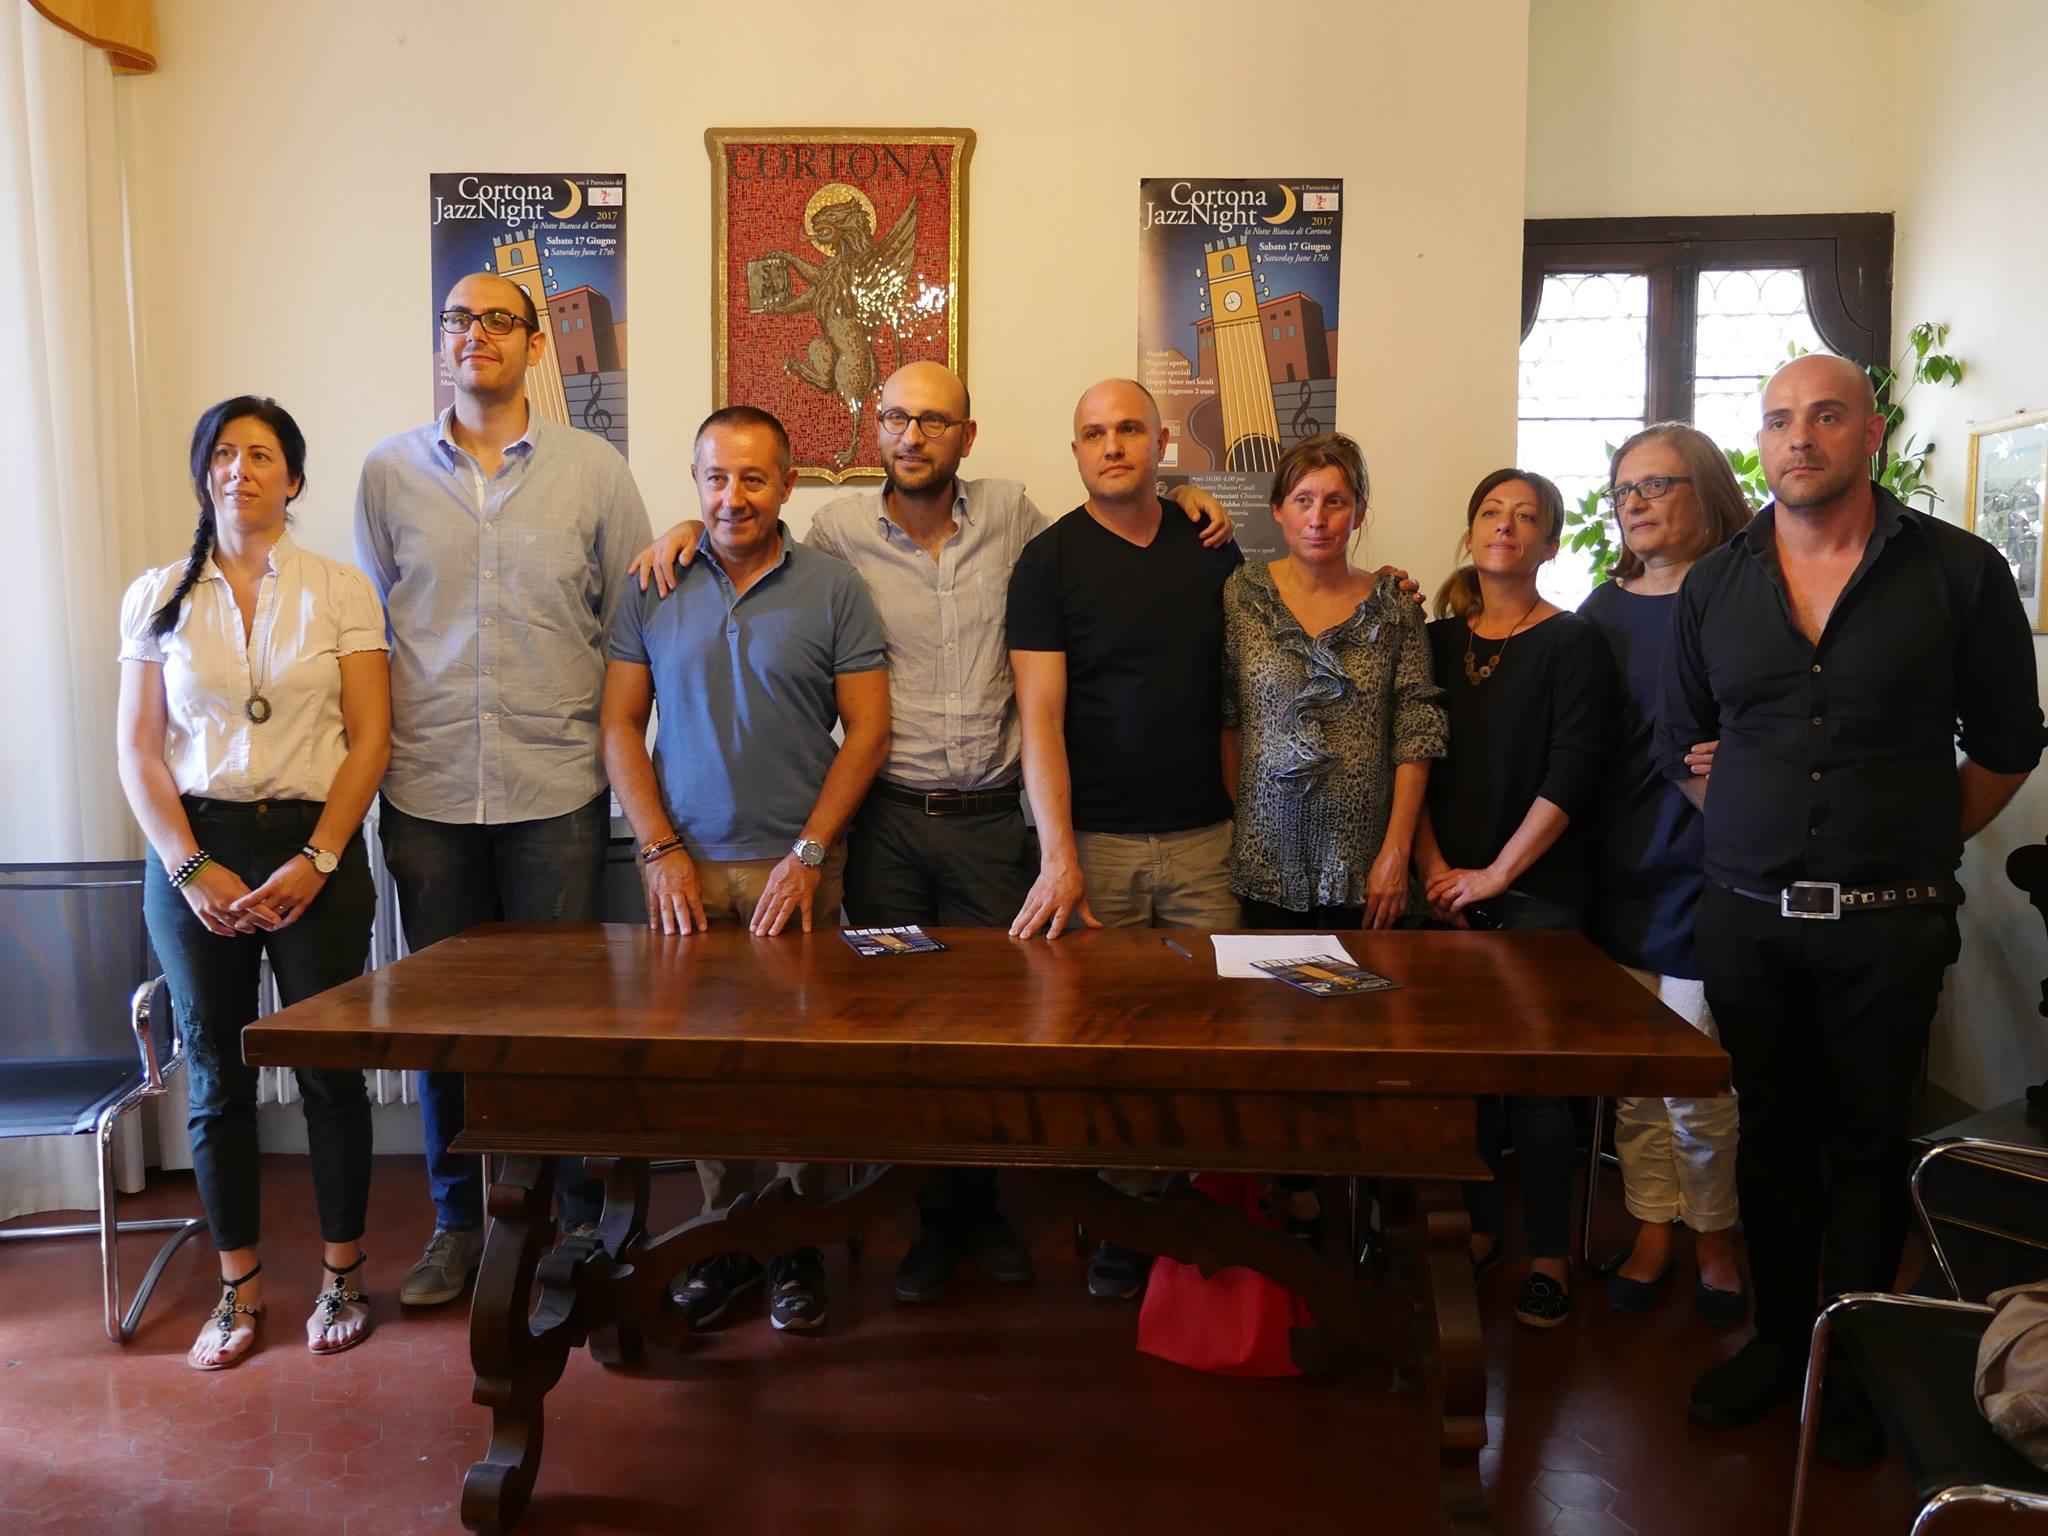 Tutti insieme per la Notte Bianca a Cortona, sabato eventi a tutto jazz